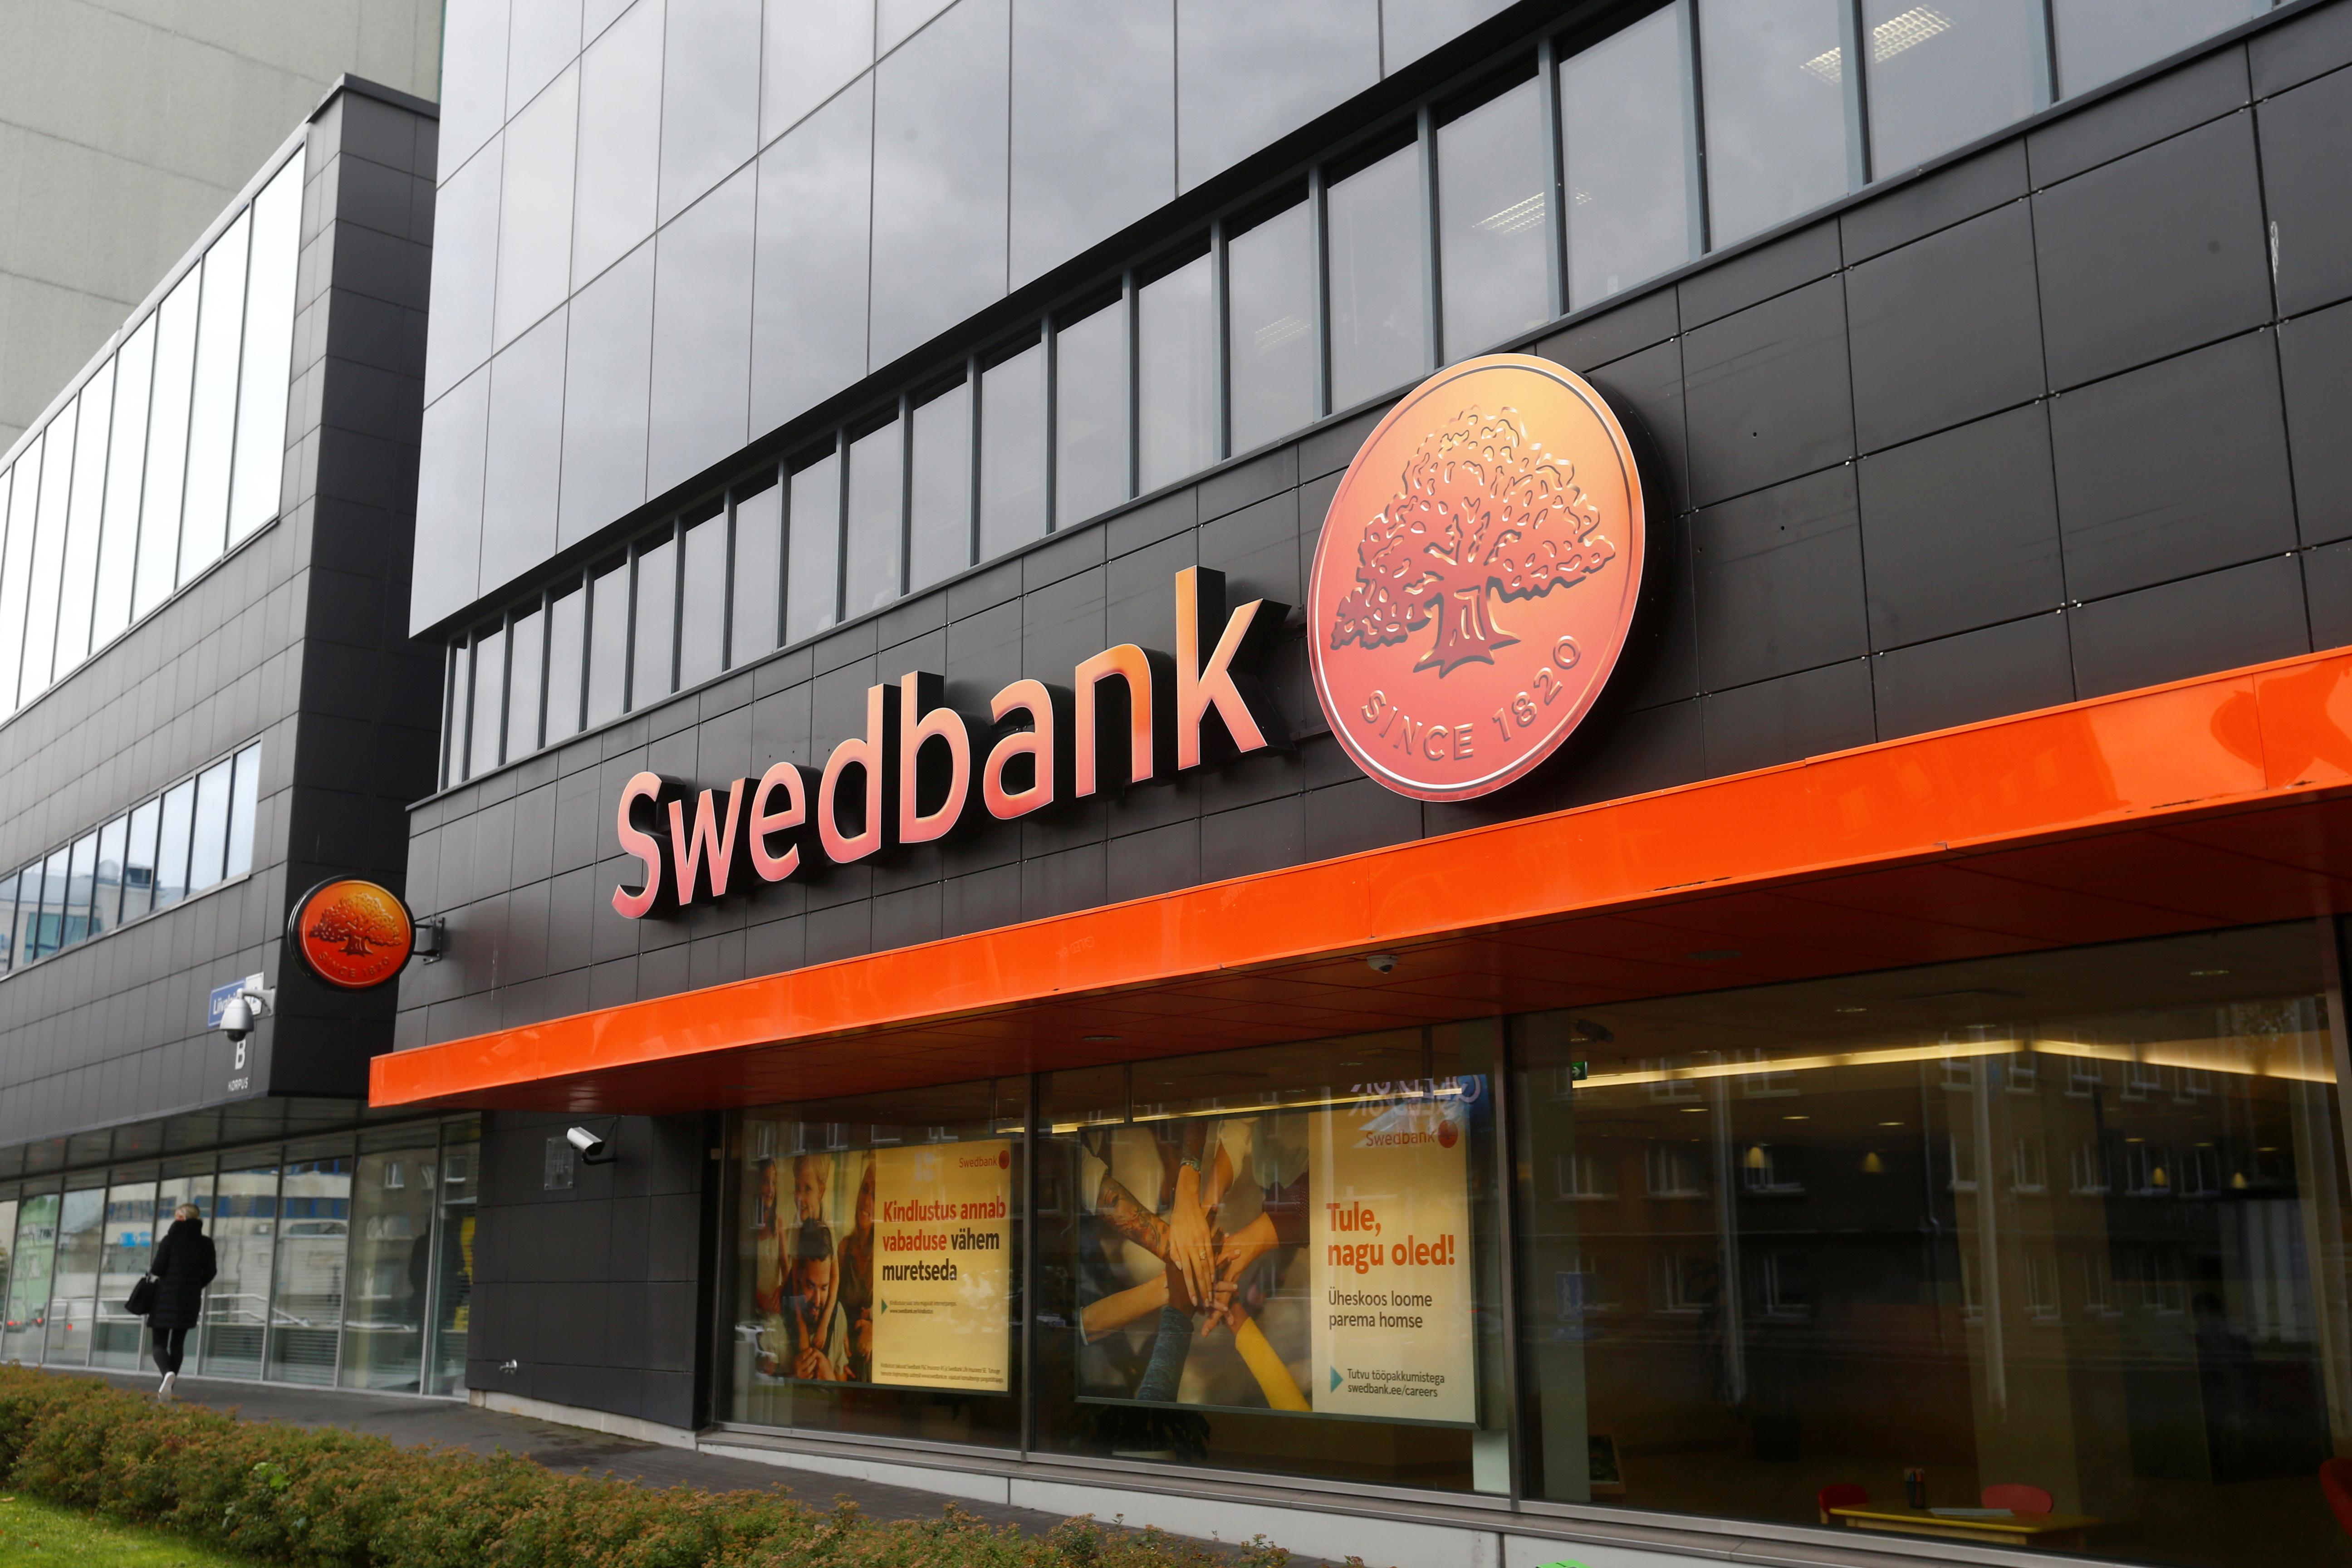 TV - Swedbank hat möglicherweise gegen US-Sanktionen verstoßen